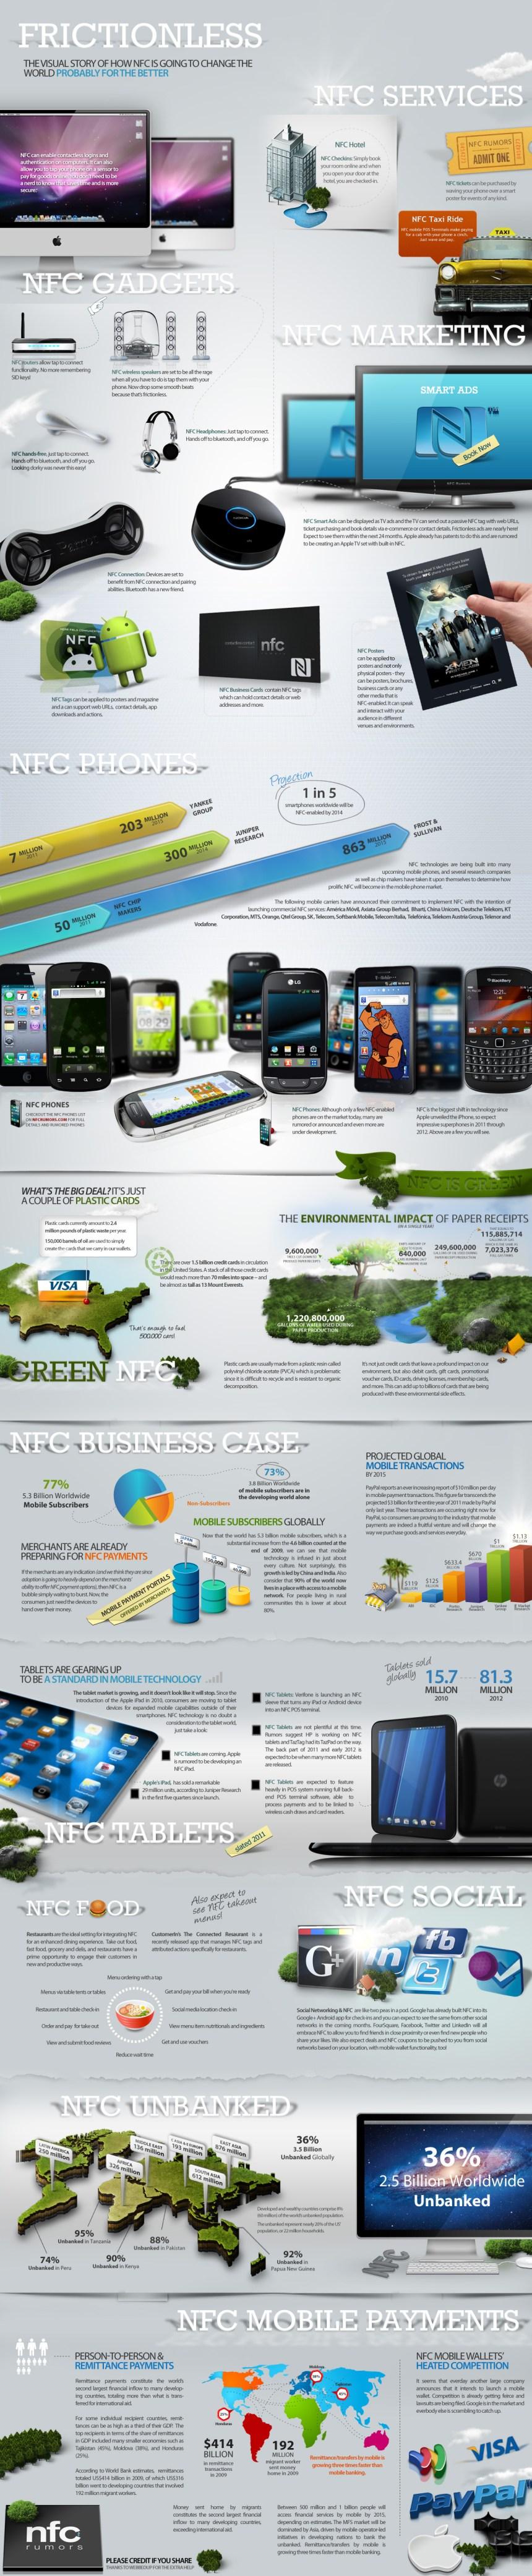 Cómo la tecnolgía NFC va a cambiar el mundo